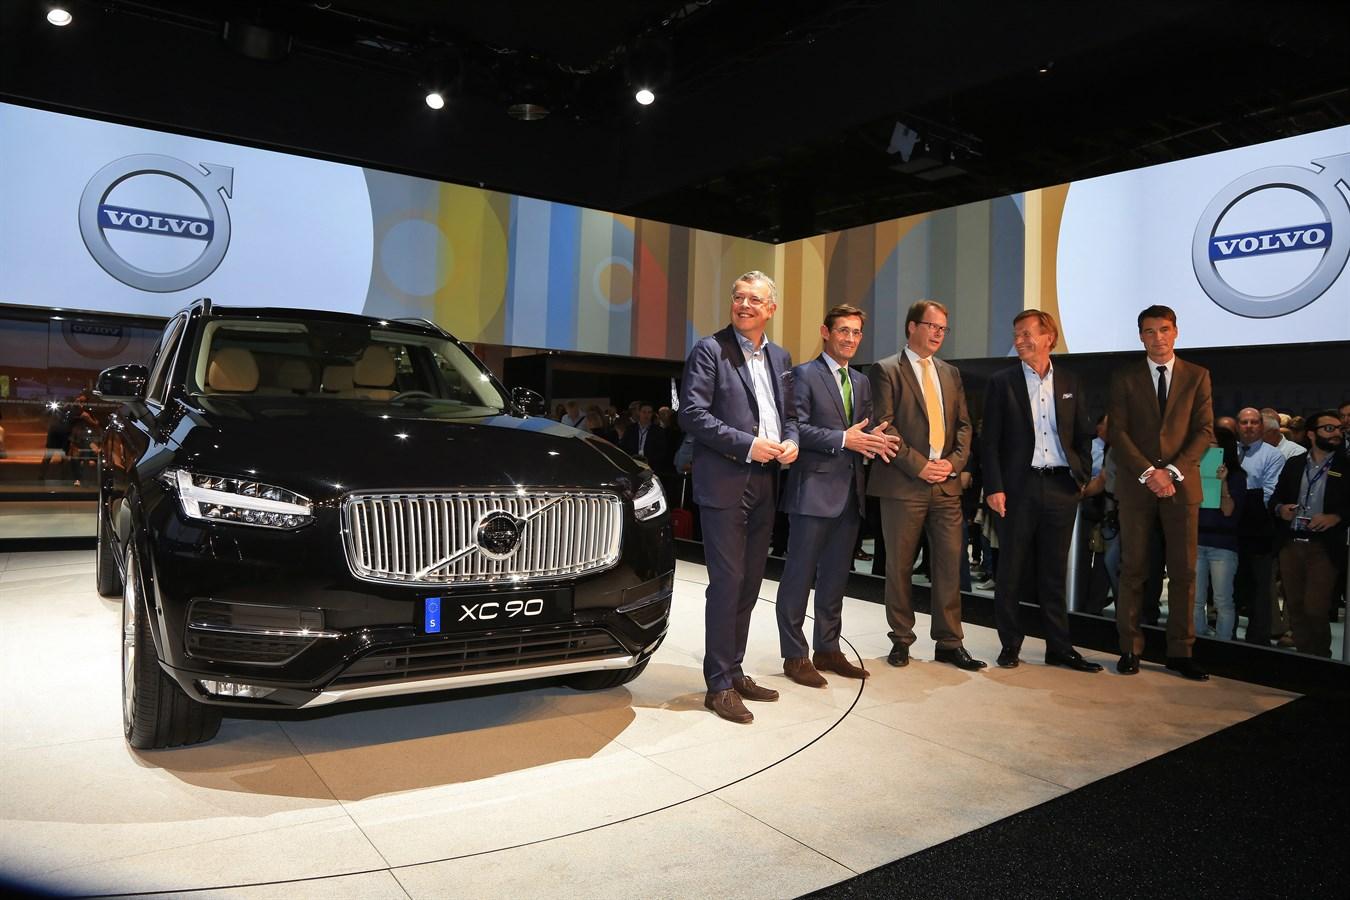 Volvo XC90 - Mondial de l'Automobile 2014